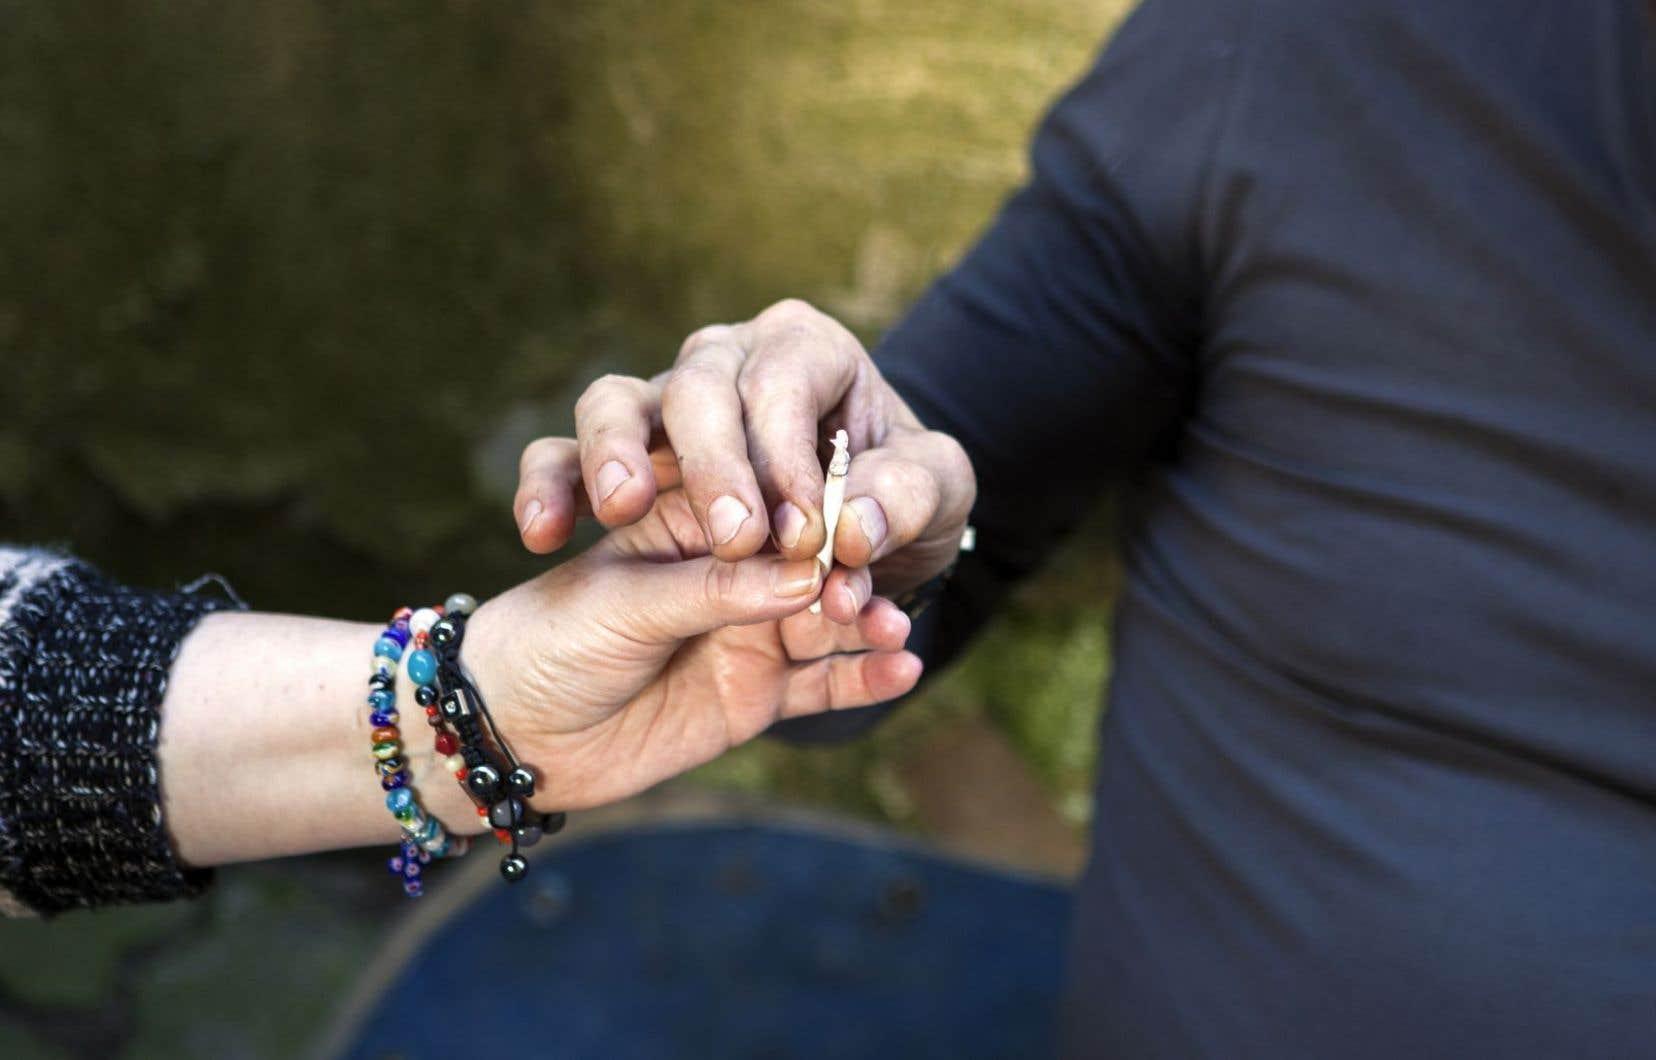 <p>Le gouvernement fédéral détermine le statut légal de la drogue, mais c'est aux provinces de gérer toute la logistique de l'arrivée du cannabis sur le marché licite.</p>